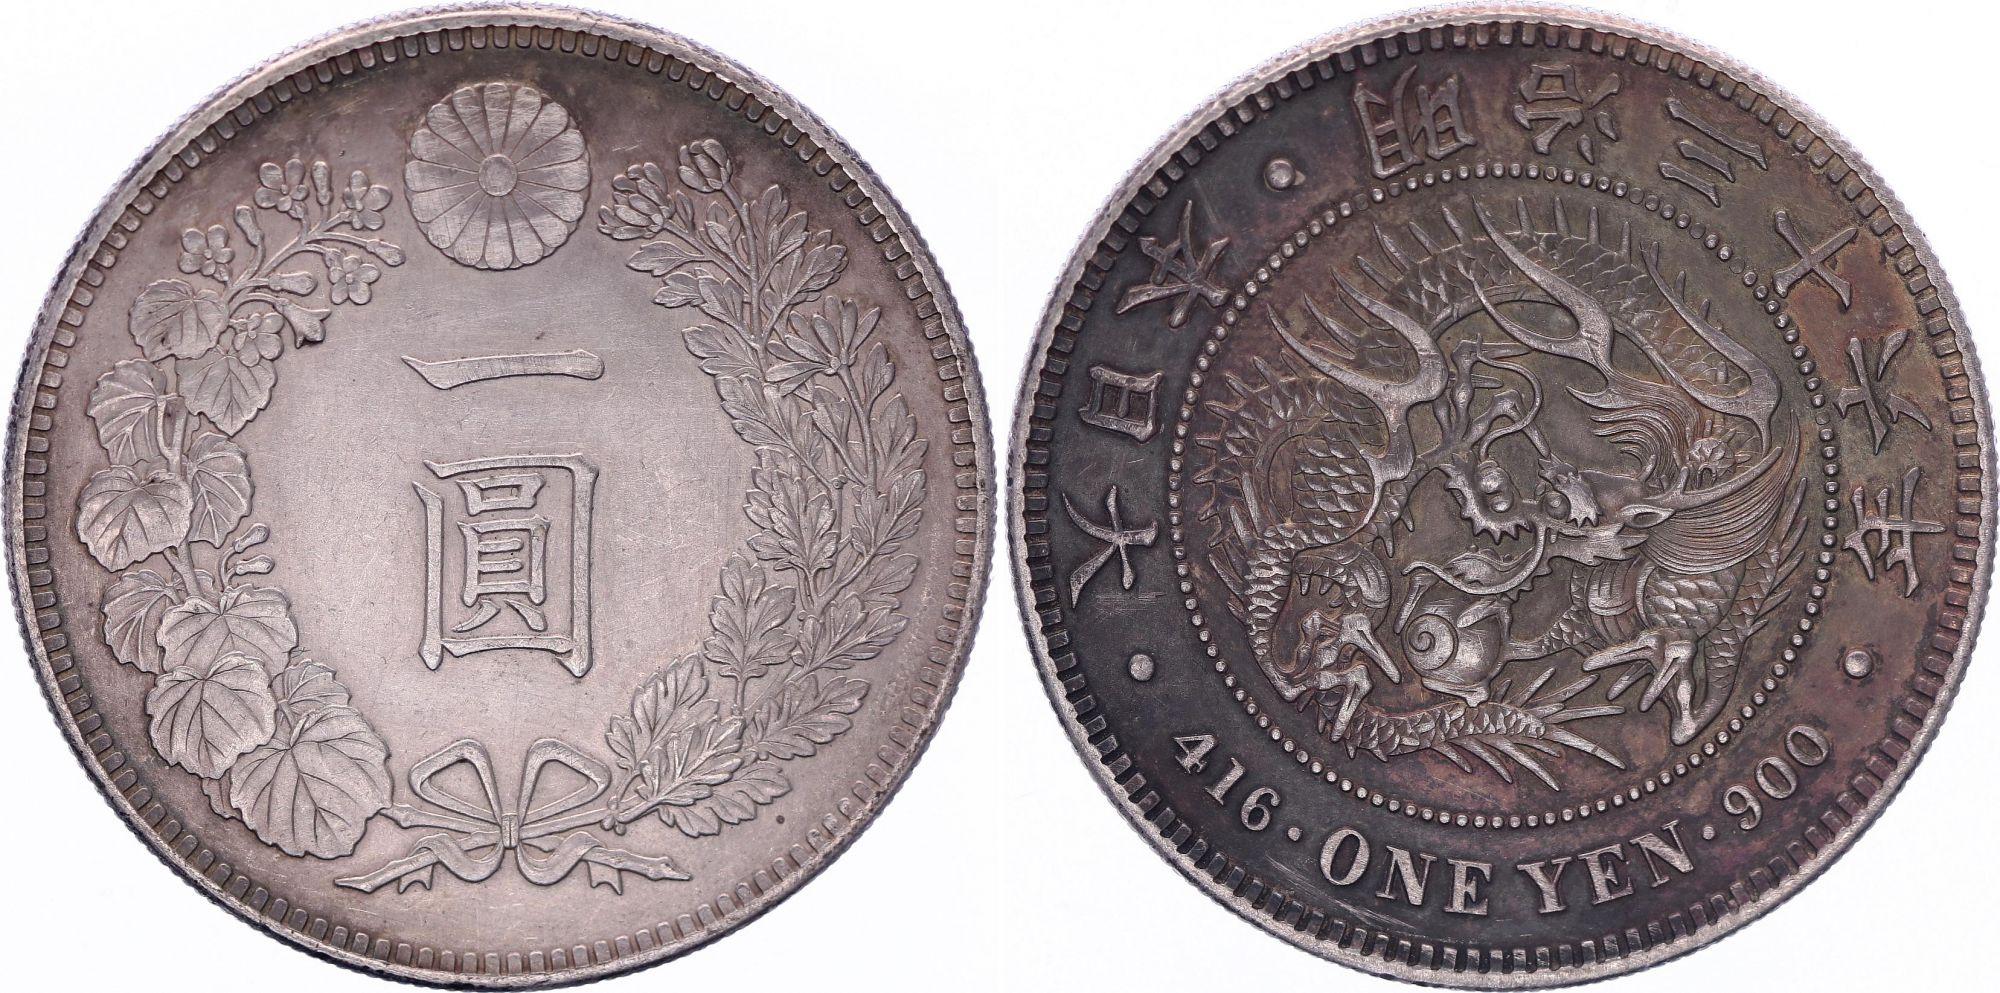 Japon 1 Yen Dragon  - 1903 Meiji An 36 - SUP